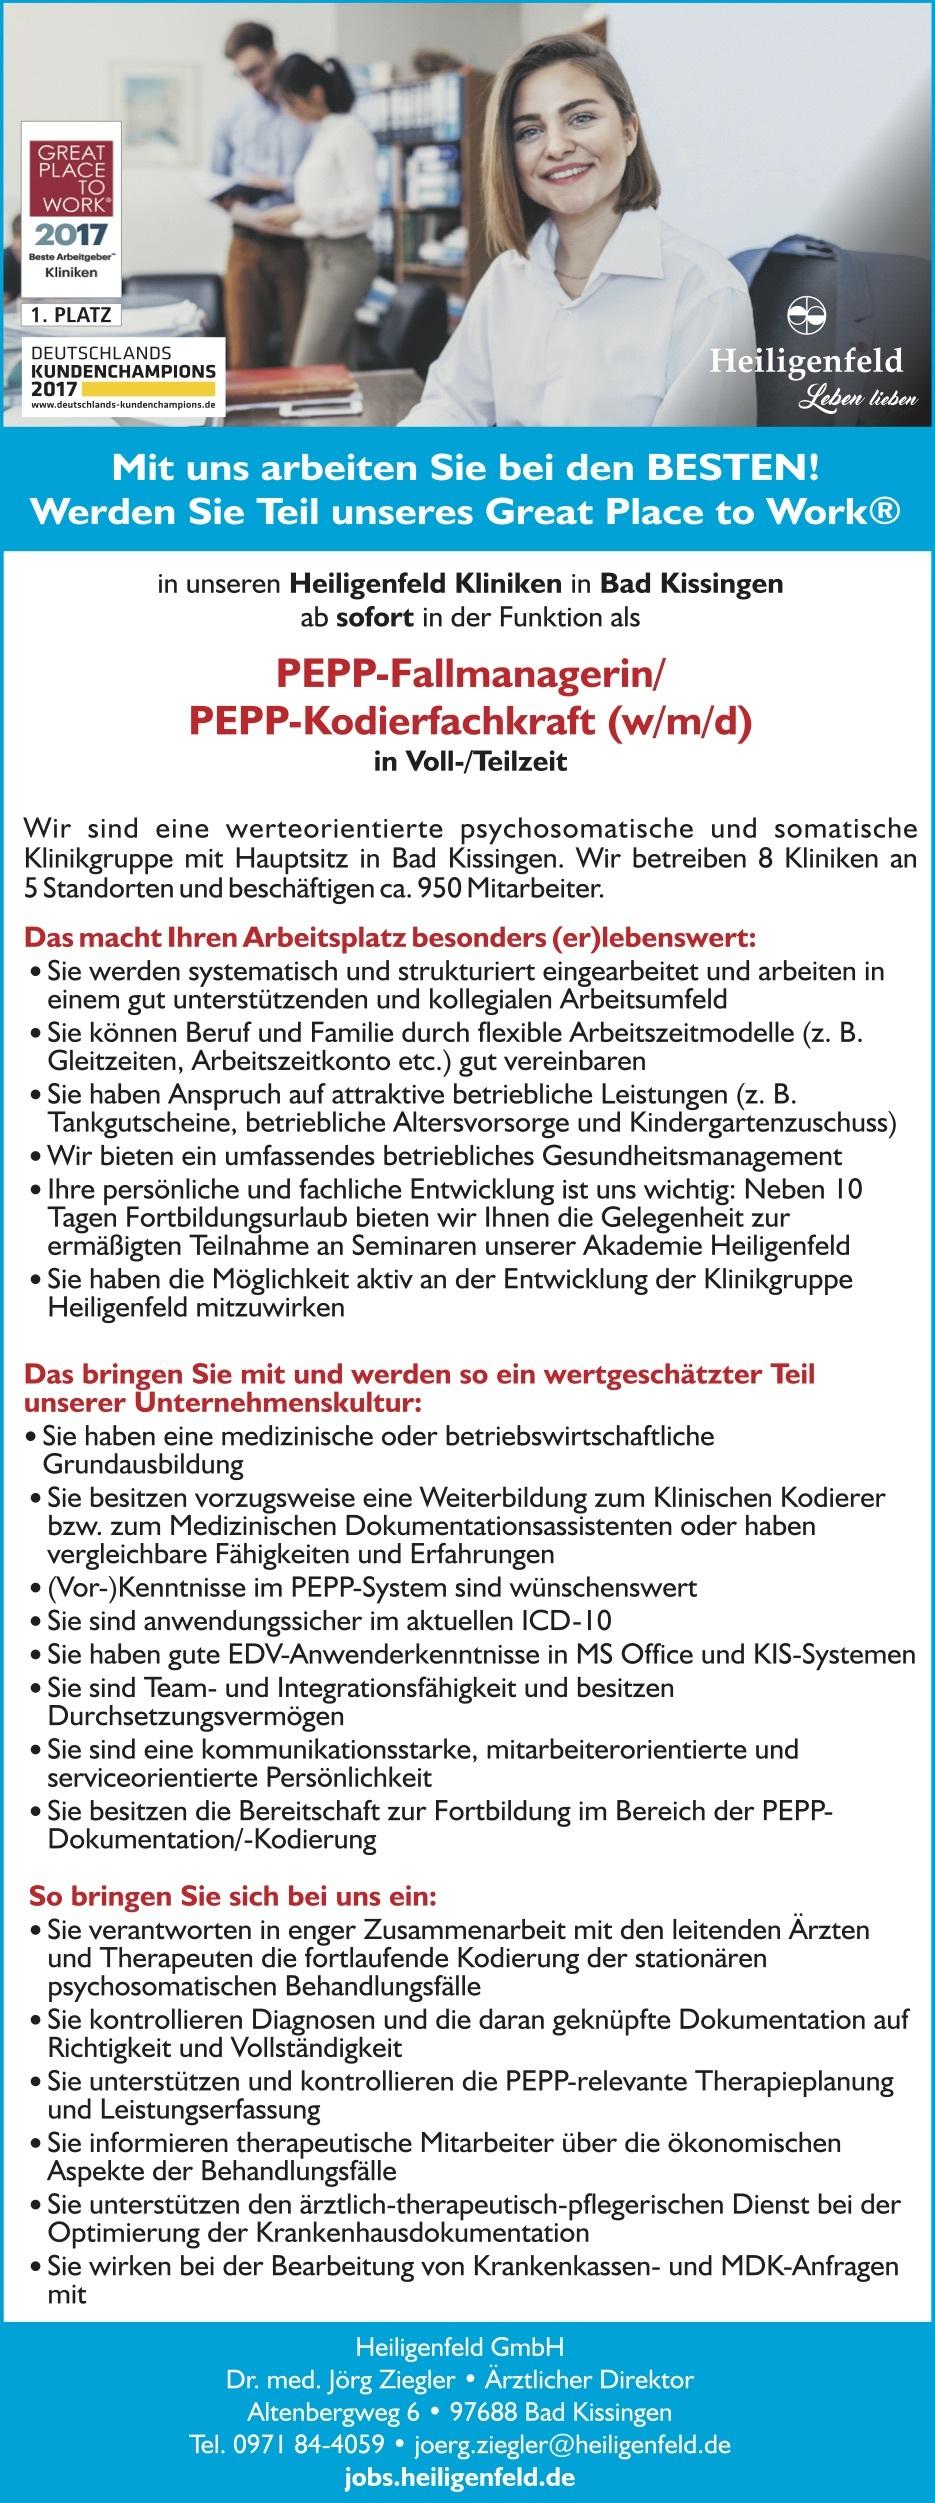 PEPP-Fallmanagerin/PEPP-Kodierfachkraft (w/m/d)